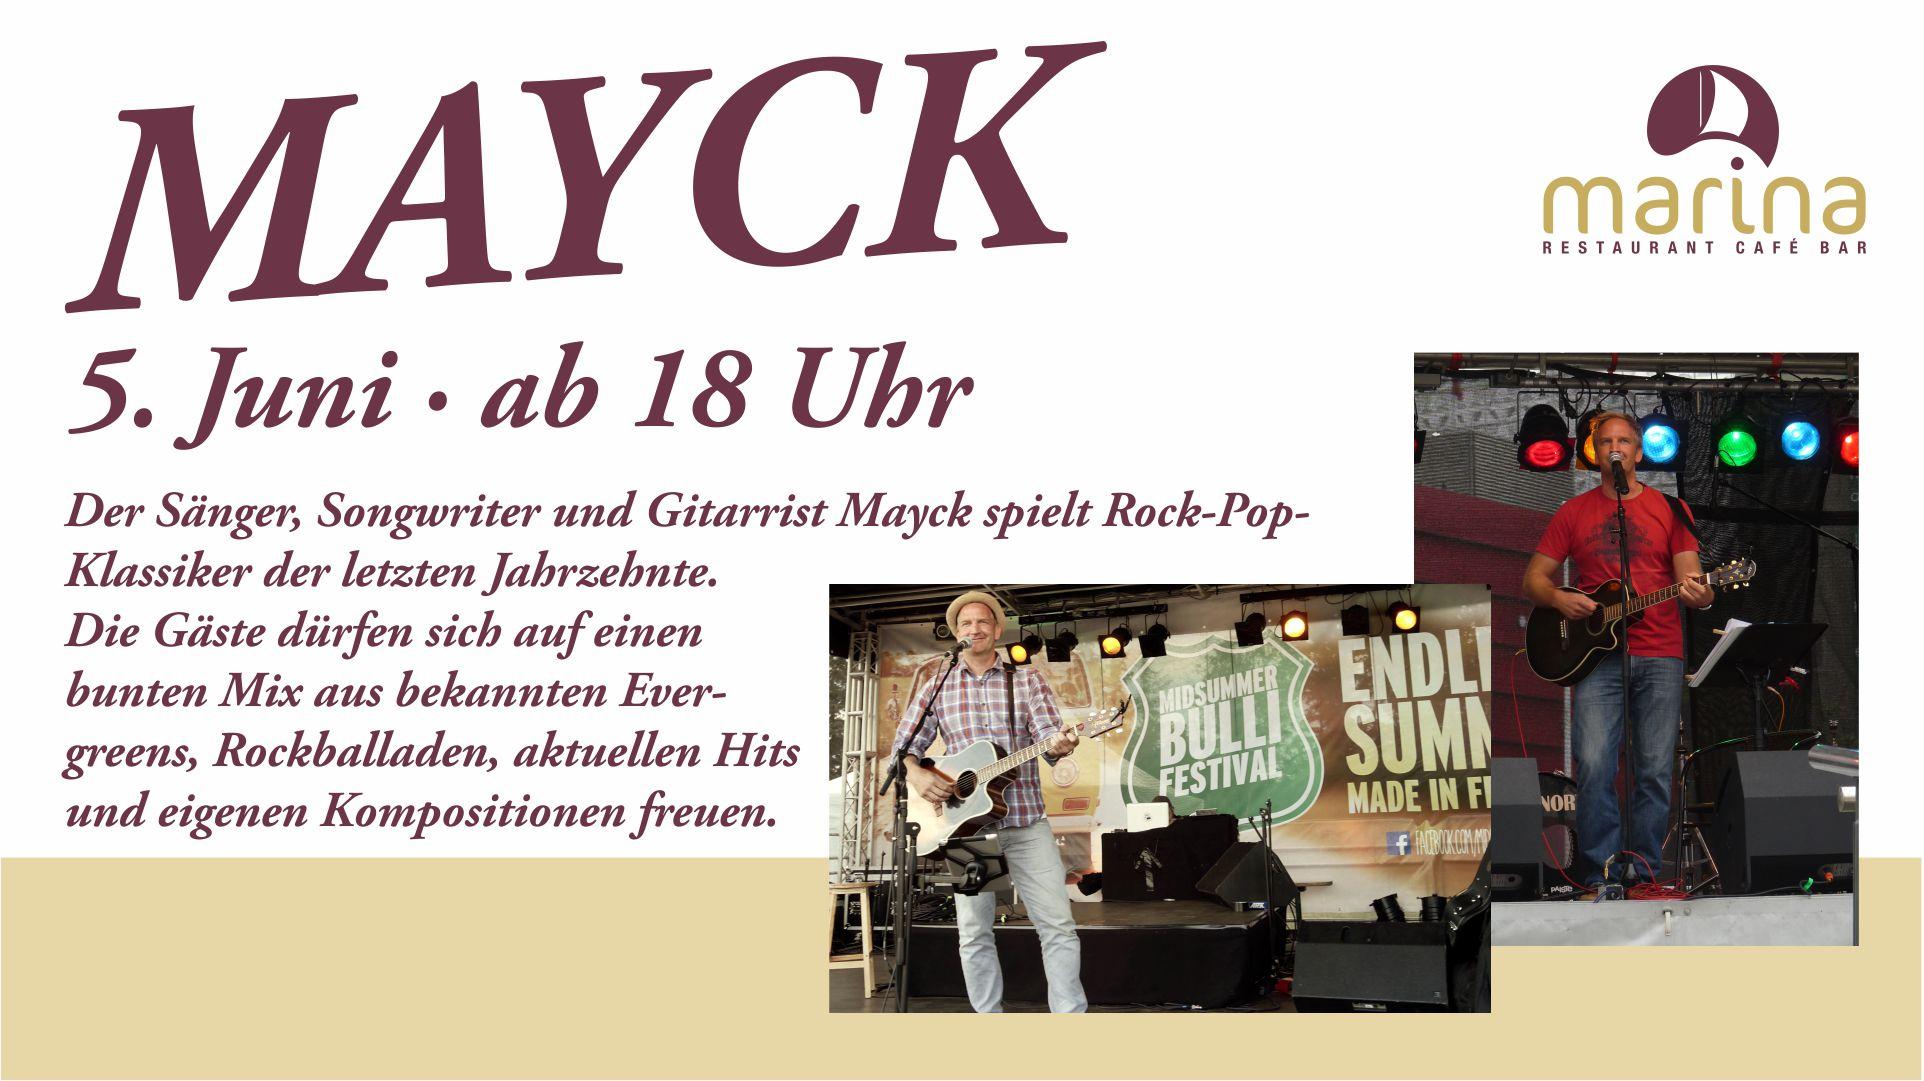 MAYCK singt für uns am 5. Juni ab 18 Uhr